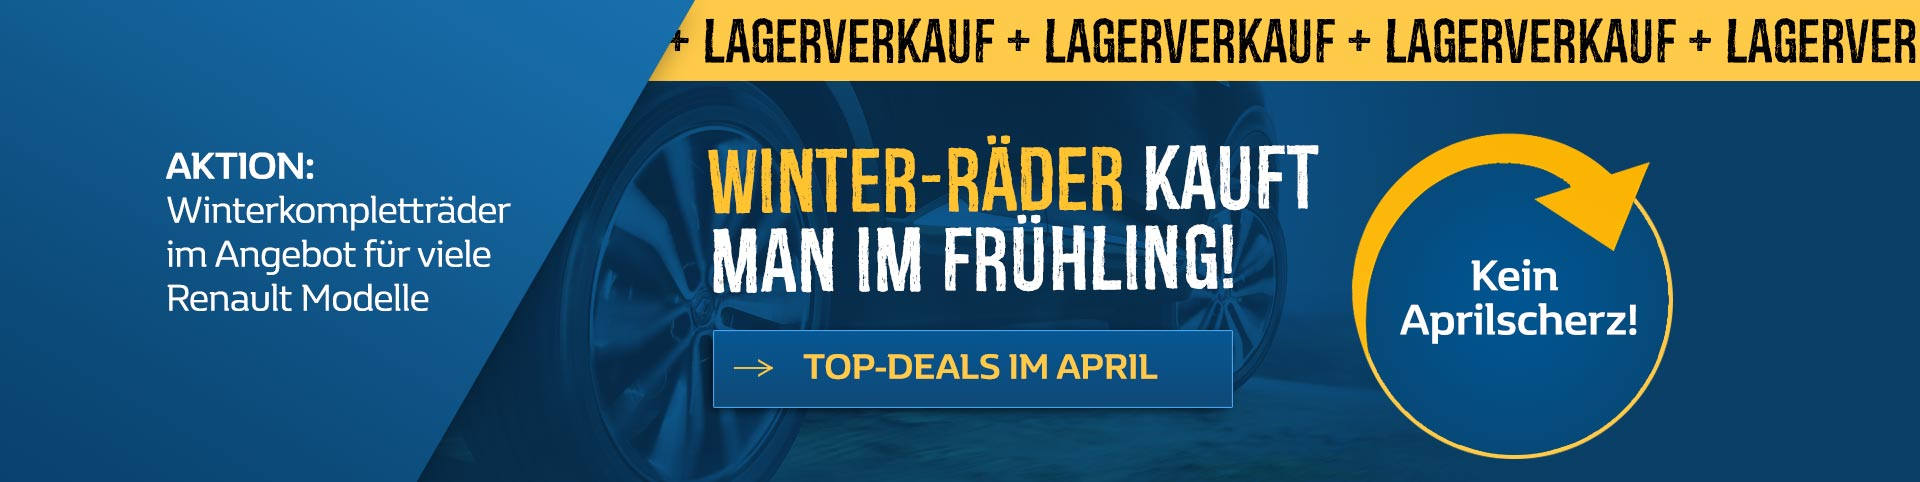 Lagerverkauf Renault Winterkompletträder